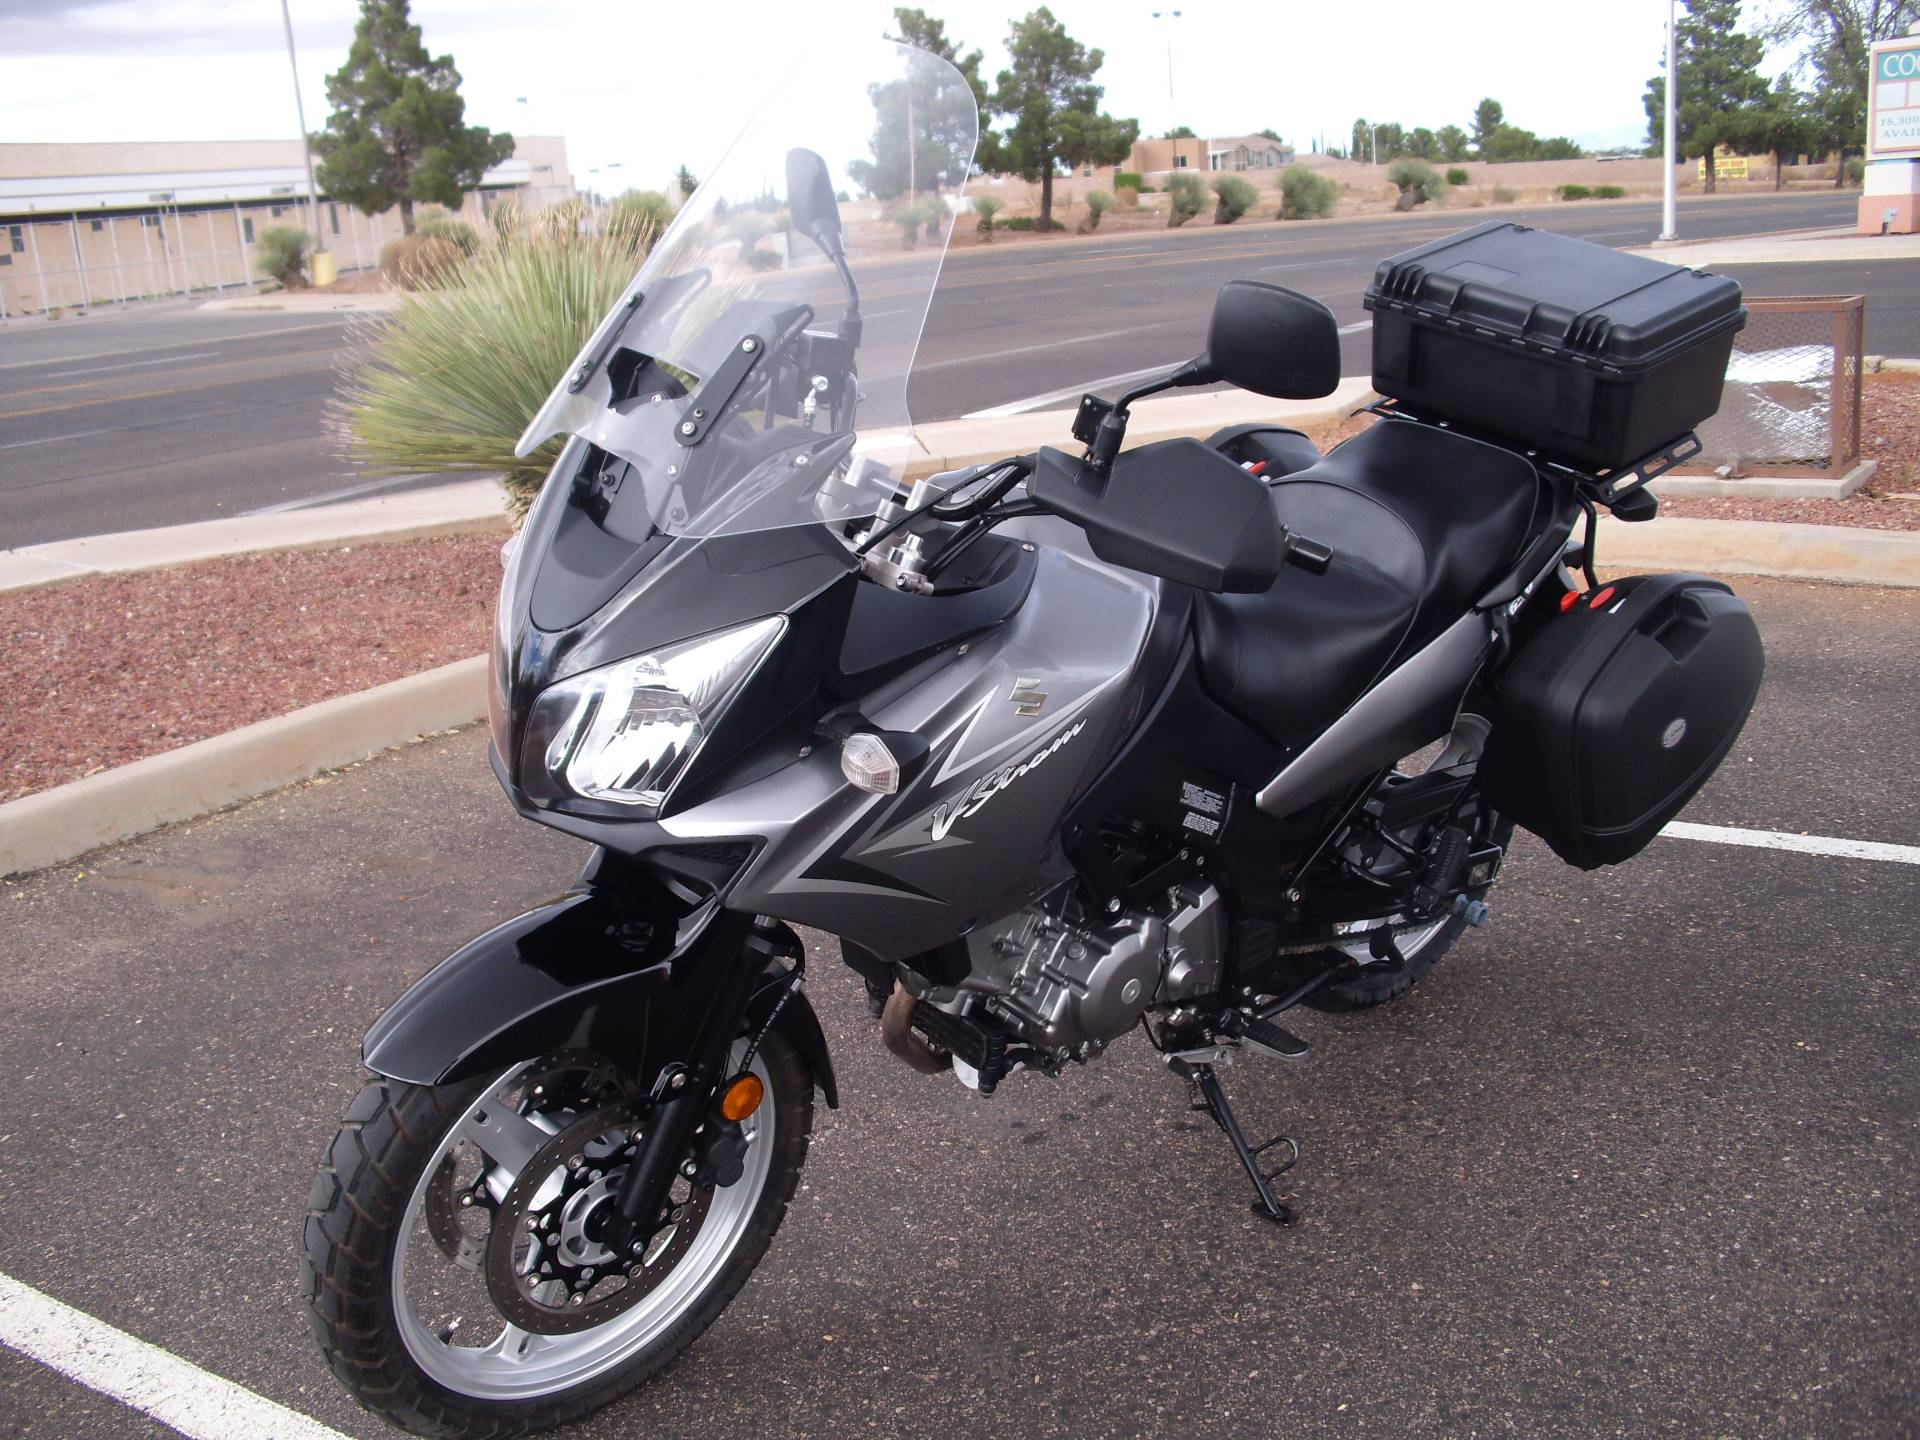 2009 Suzuki V-Strom 650 6